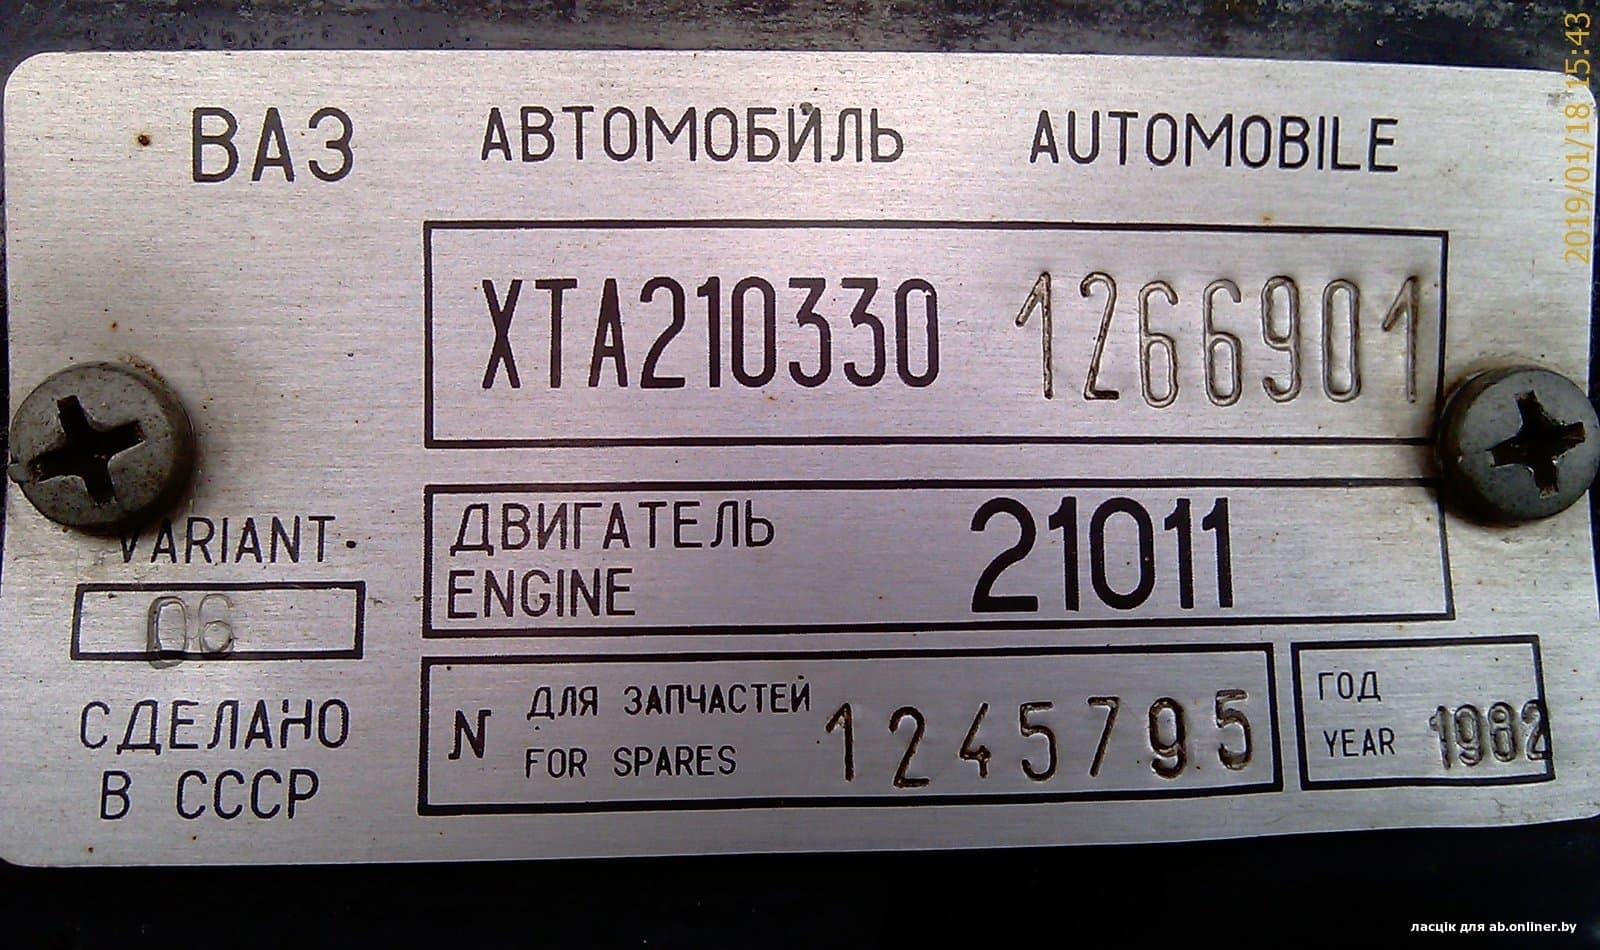 ВАЗ 2103 3